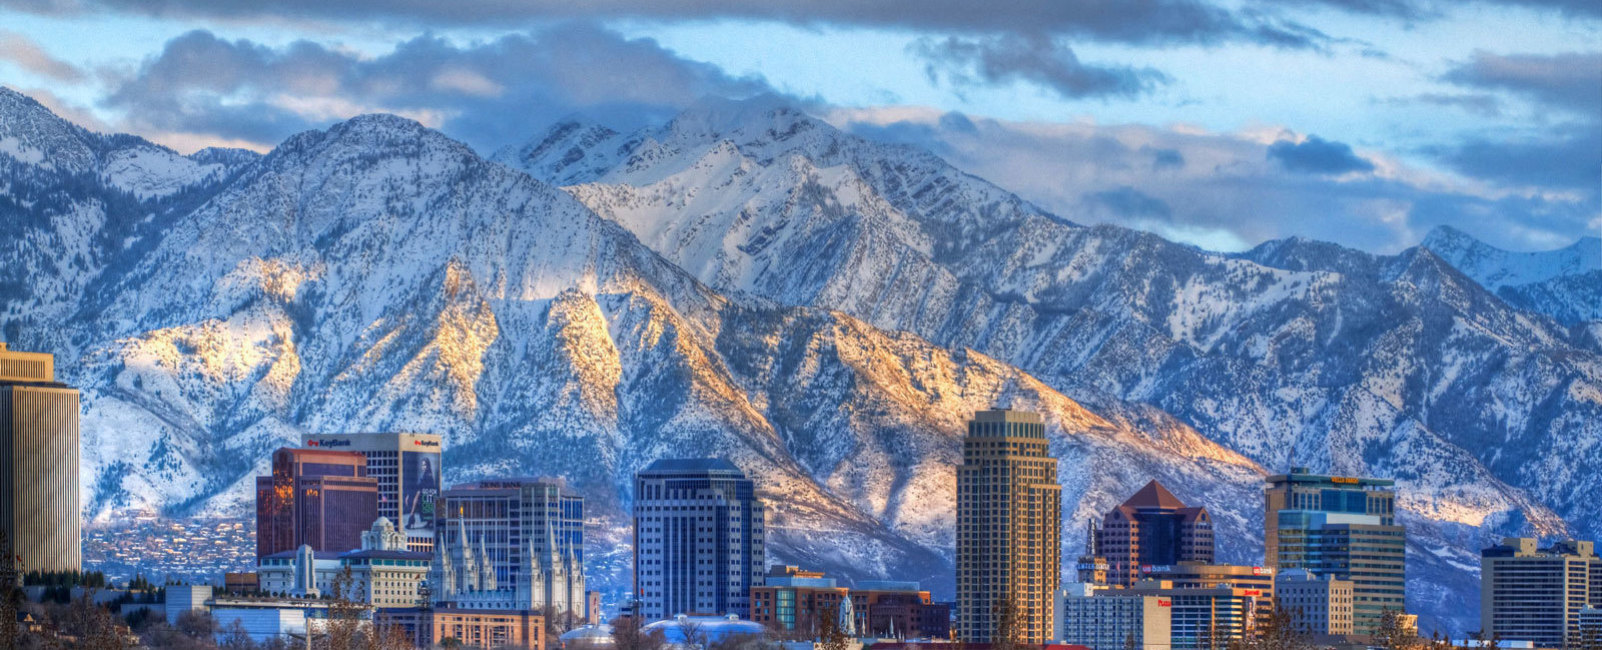 Ski free in January in America's Ski City